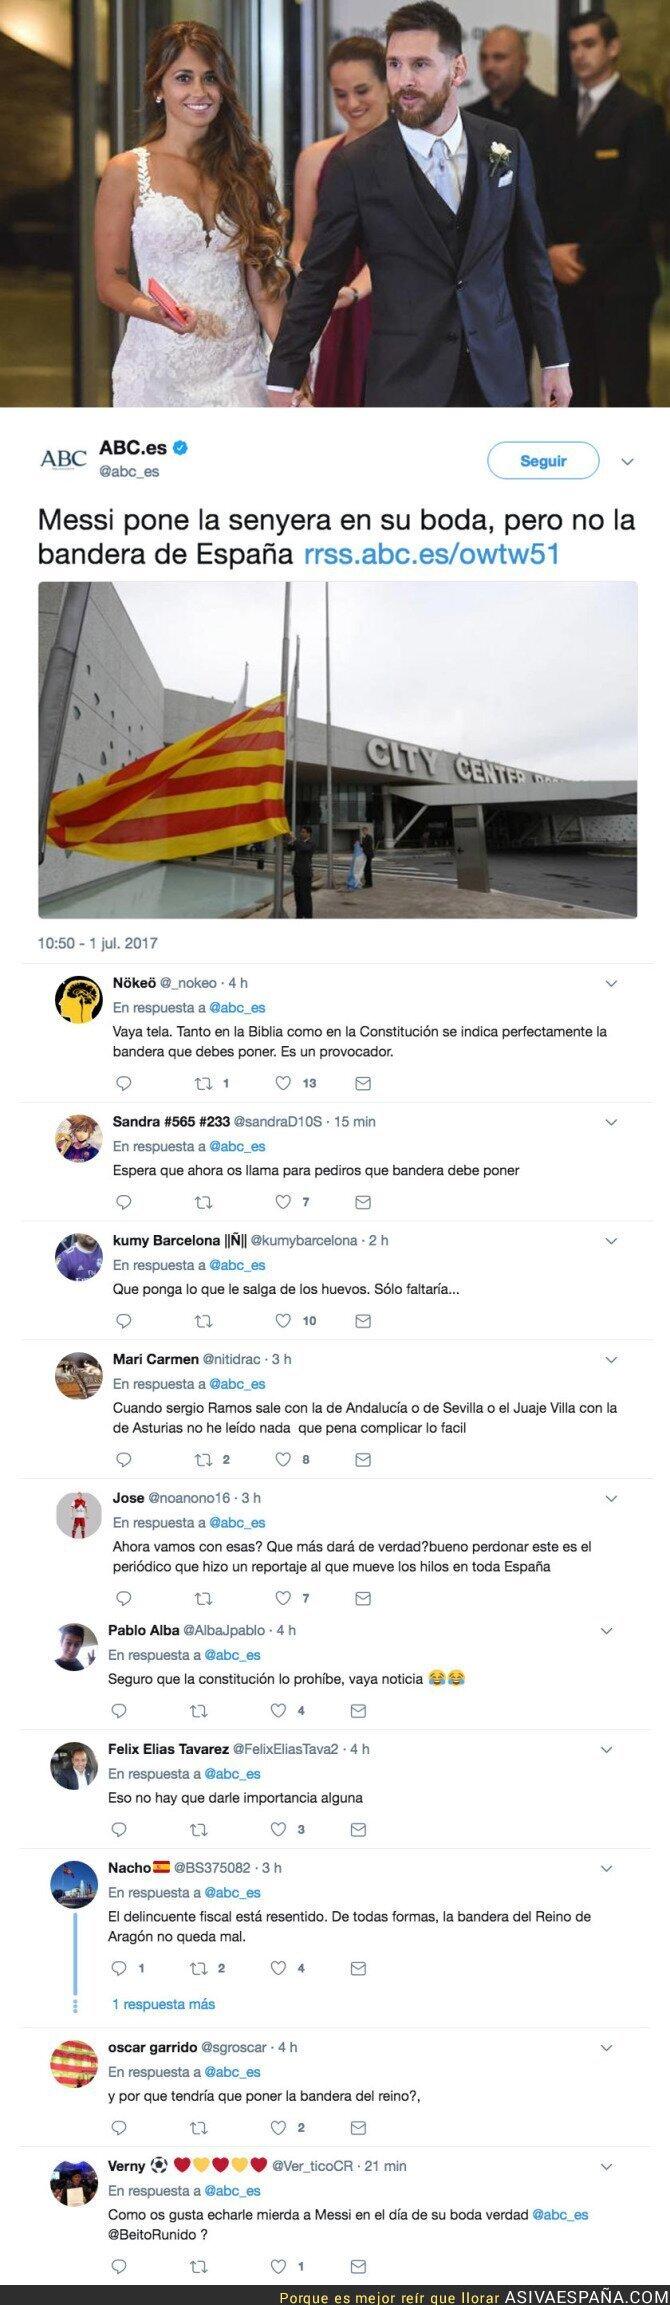 70968 - Lío monumental en la boda de Messi que no ha gustado nada por este detalle